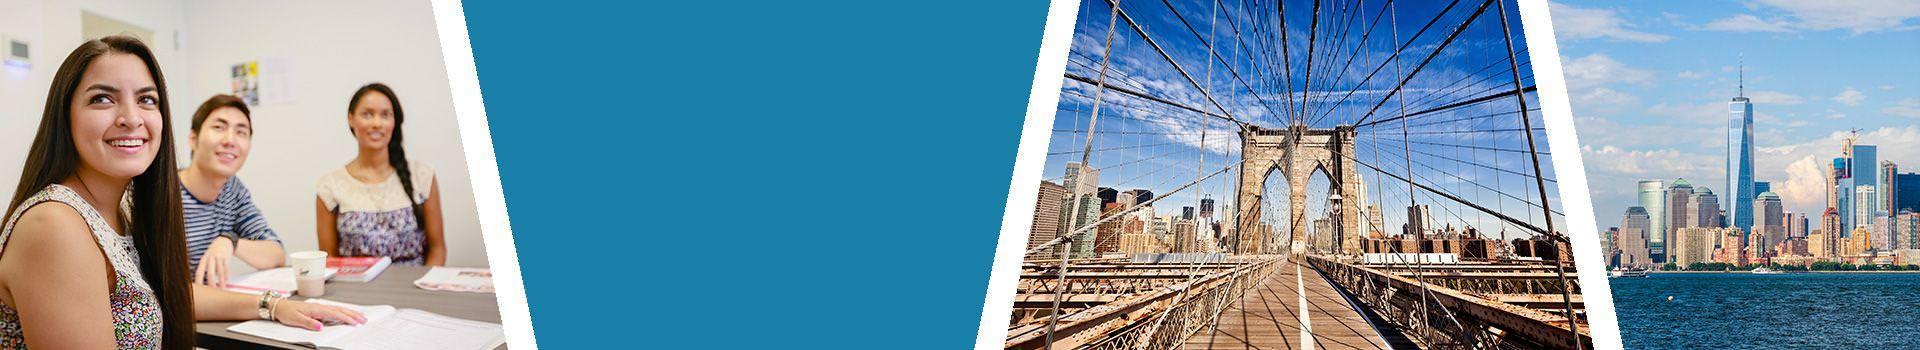 Sprachreise nach New Yor für Erwachsene in die USA Slider